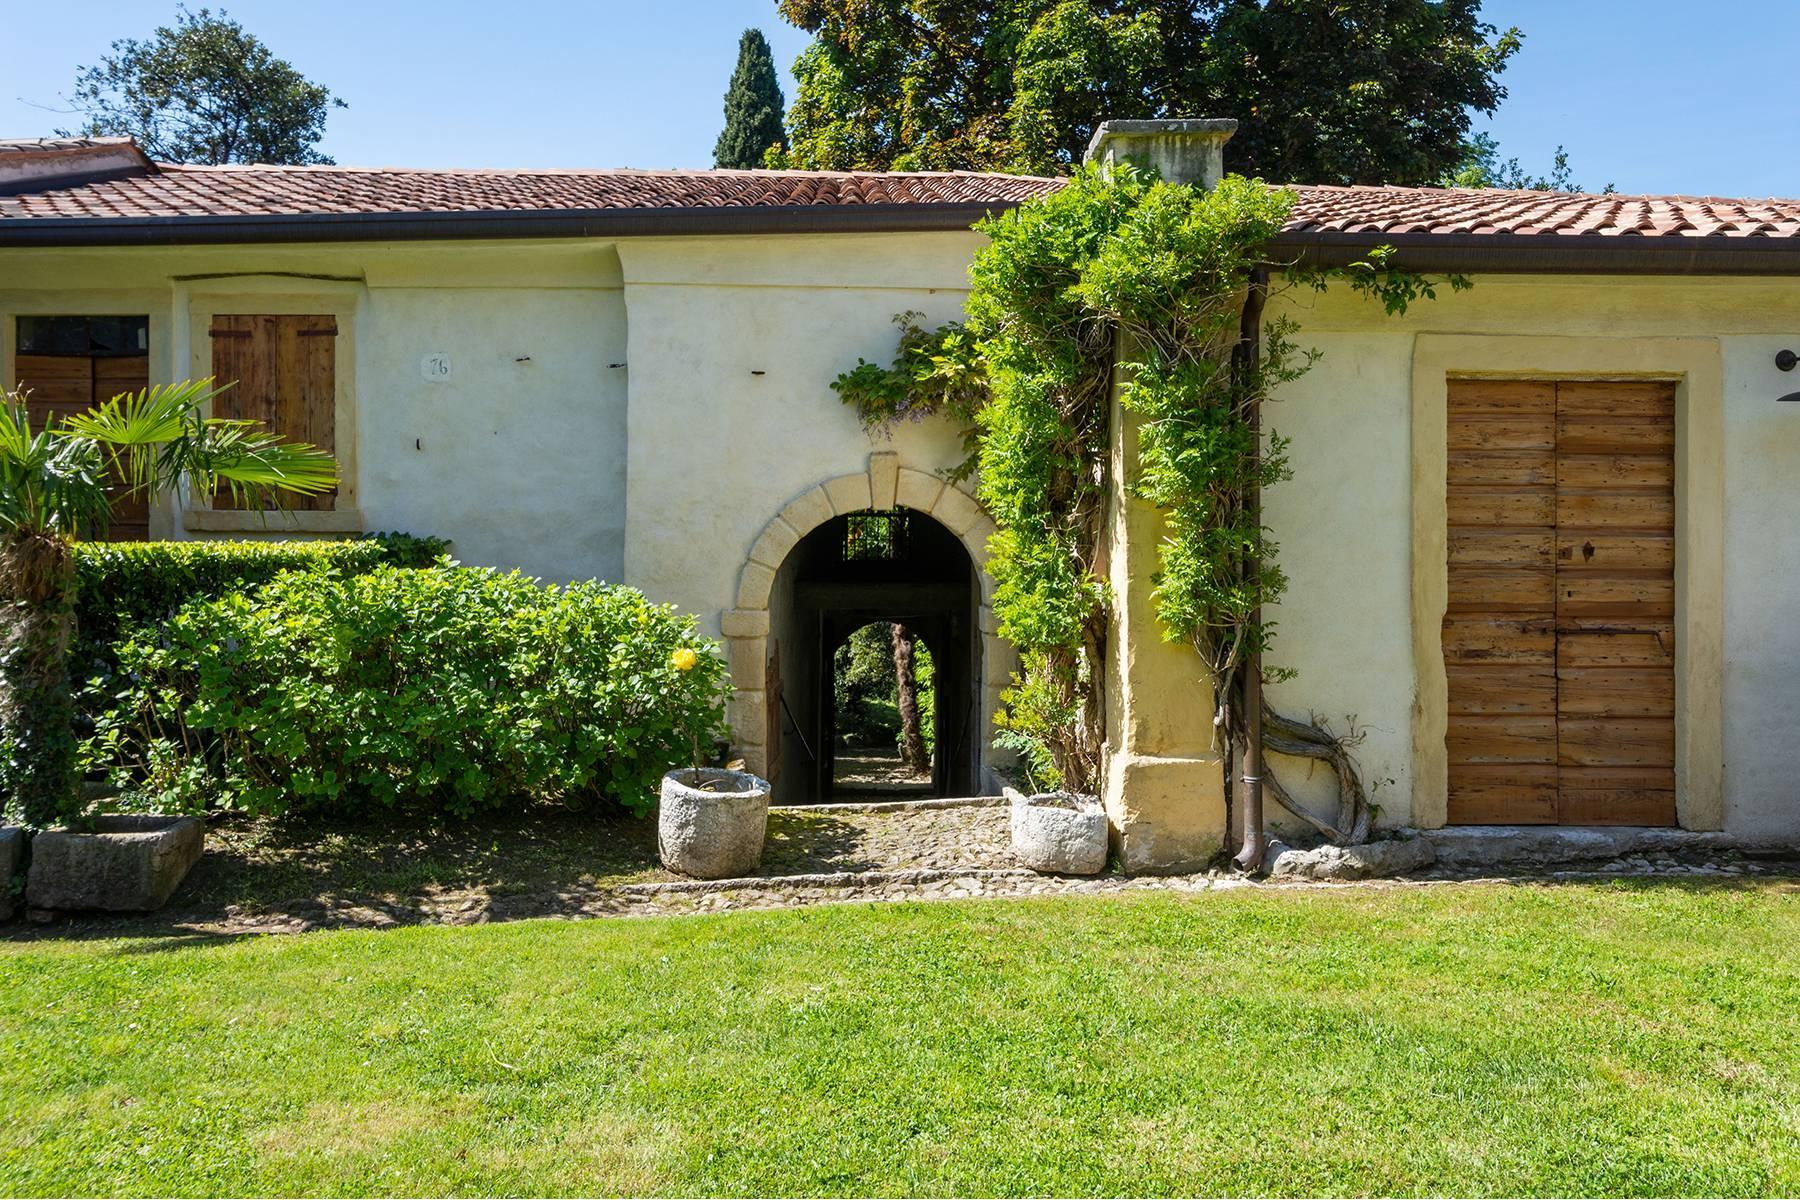 Historische Villa mit Park und prächtigem alten Keller, umgeben von Weinbergen - 30